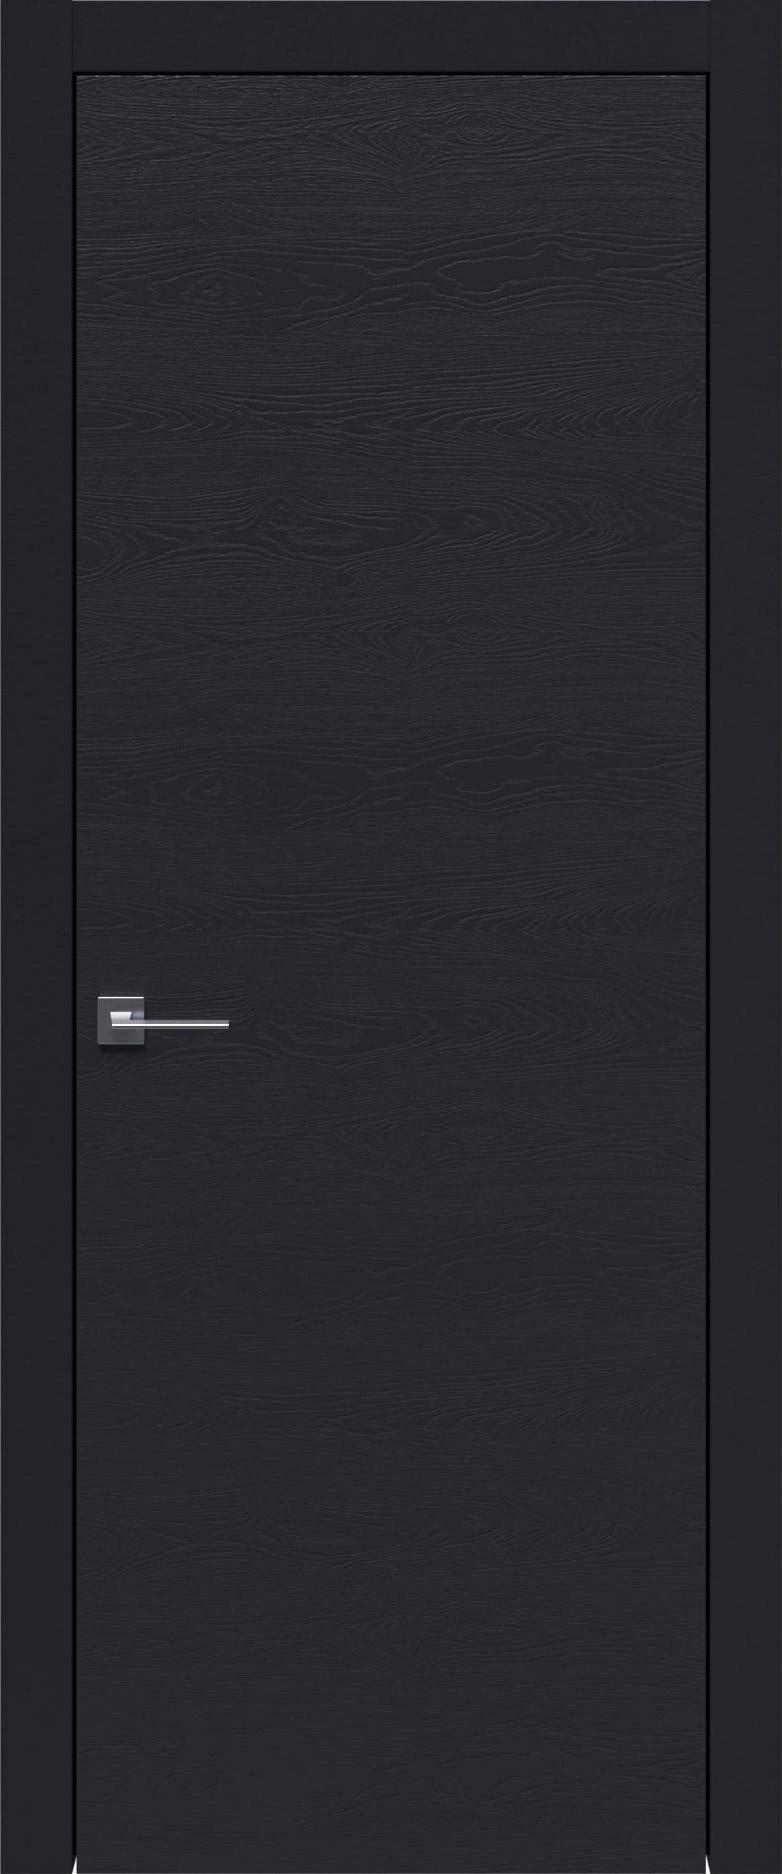 Tivoli А-2 цвет - Черная эмаль по шпону (RAL 9004) Без стекла (ДГ)